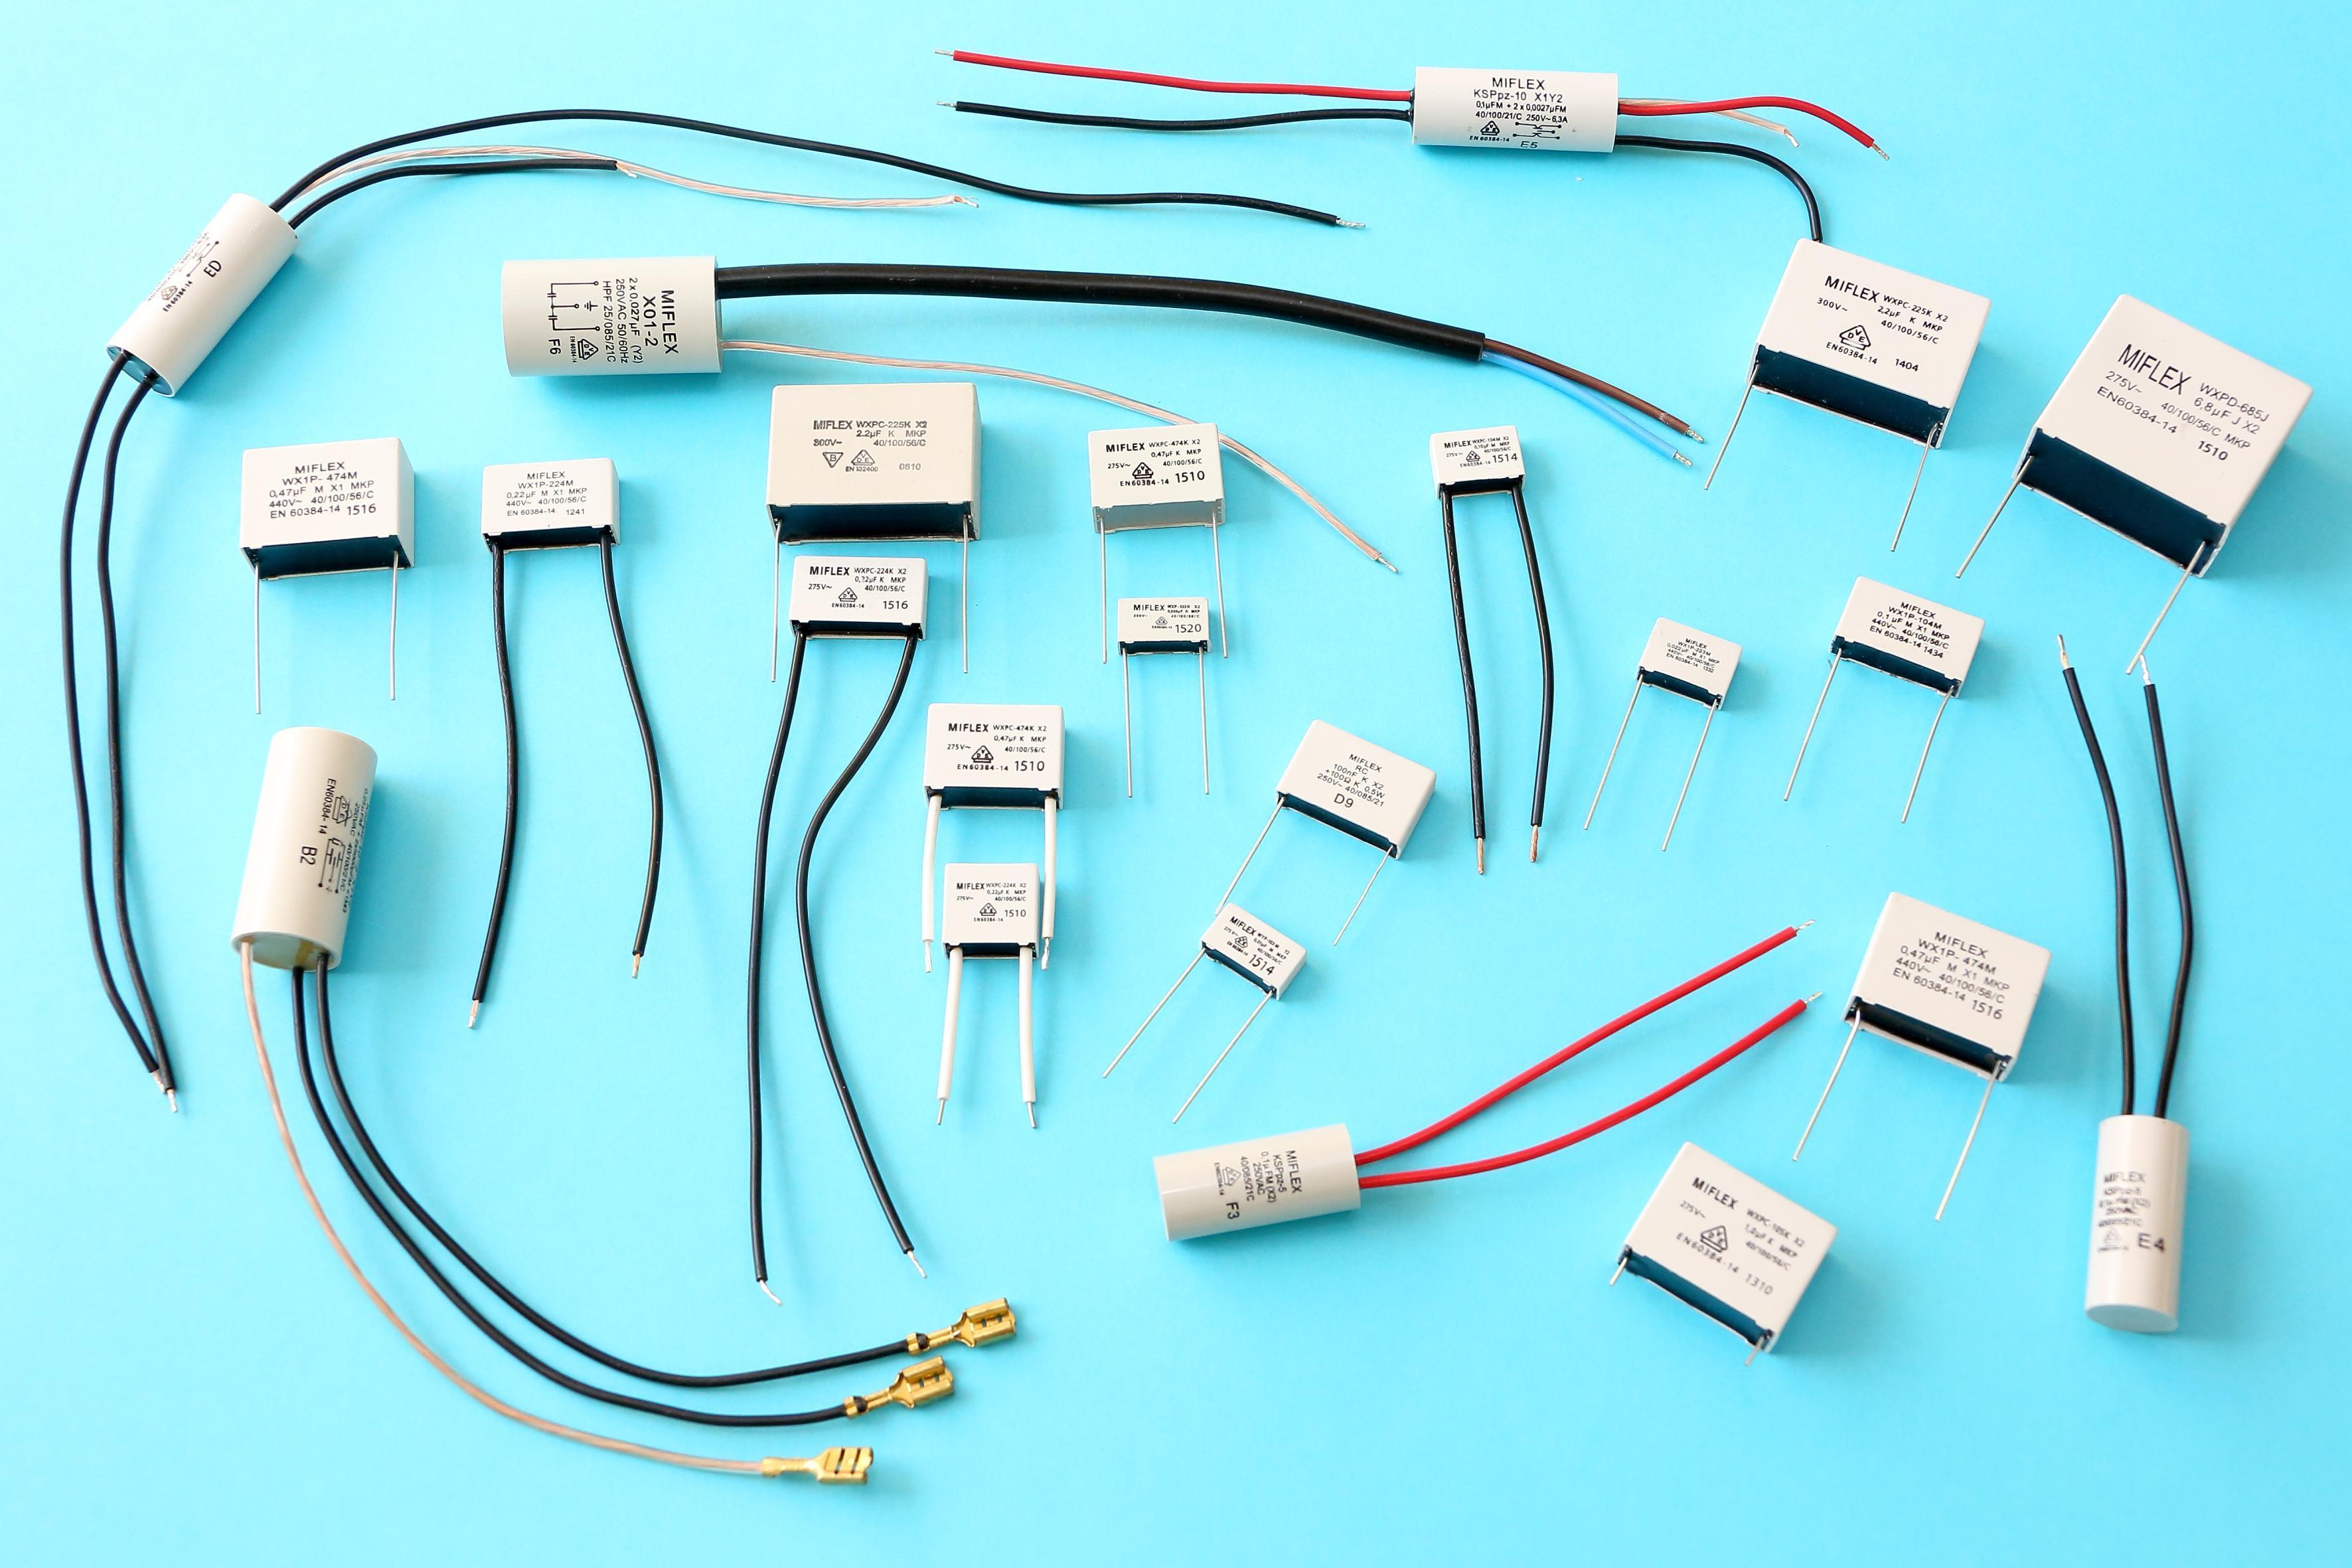 miflex-kondensatory-przeciwzakoceniowe-n1